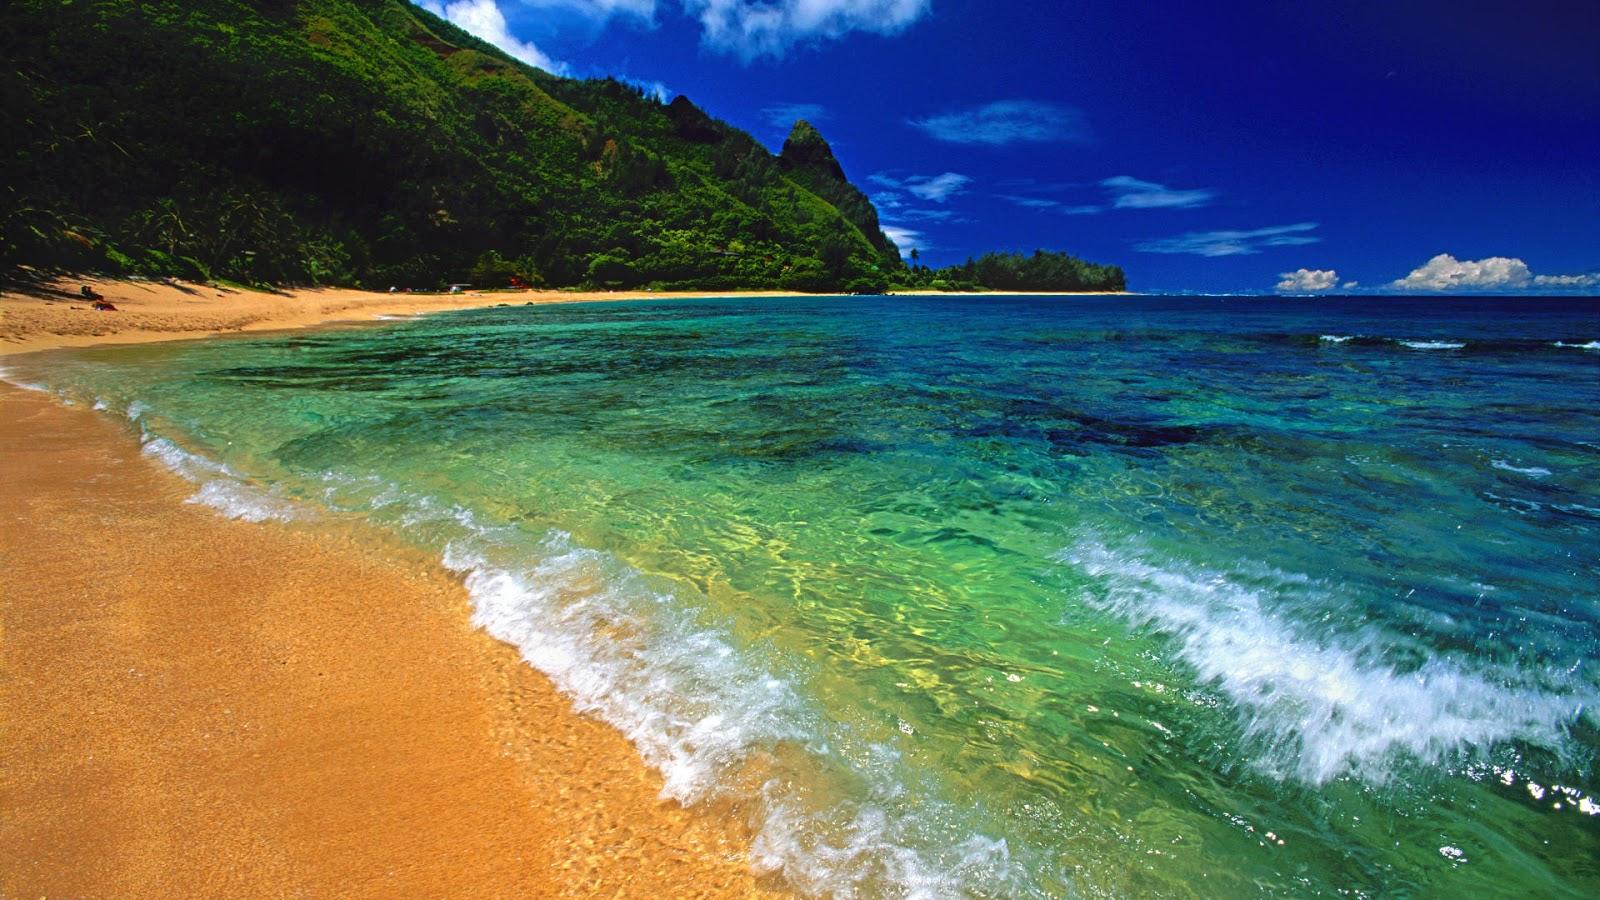 http://4.bp.blogspot.com/-tdzRw8FlVRU/UHaBhLgHyxI/AAAAAAAAIqU/1jGMgNZyi70/s1600/beach-wallpaper-hd-113.jpg